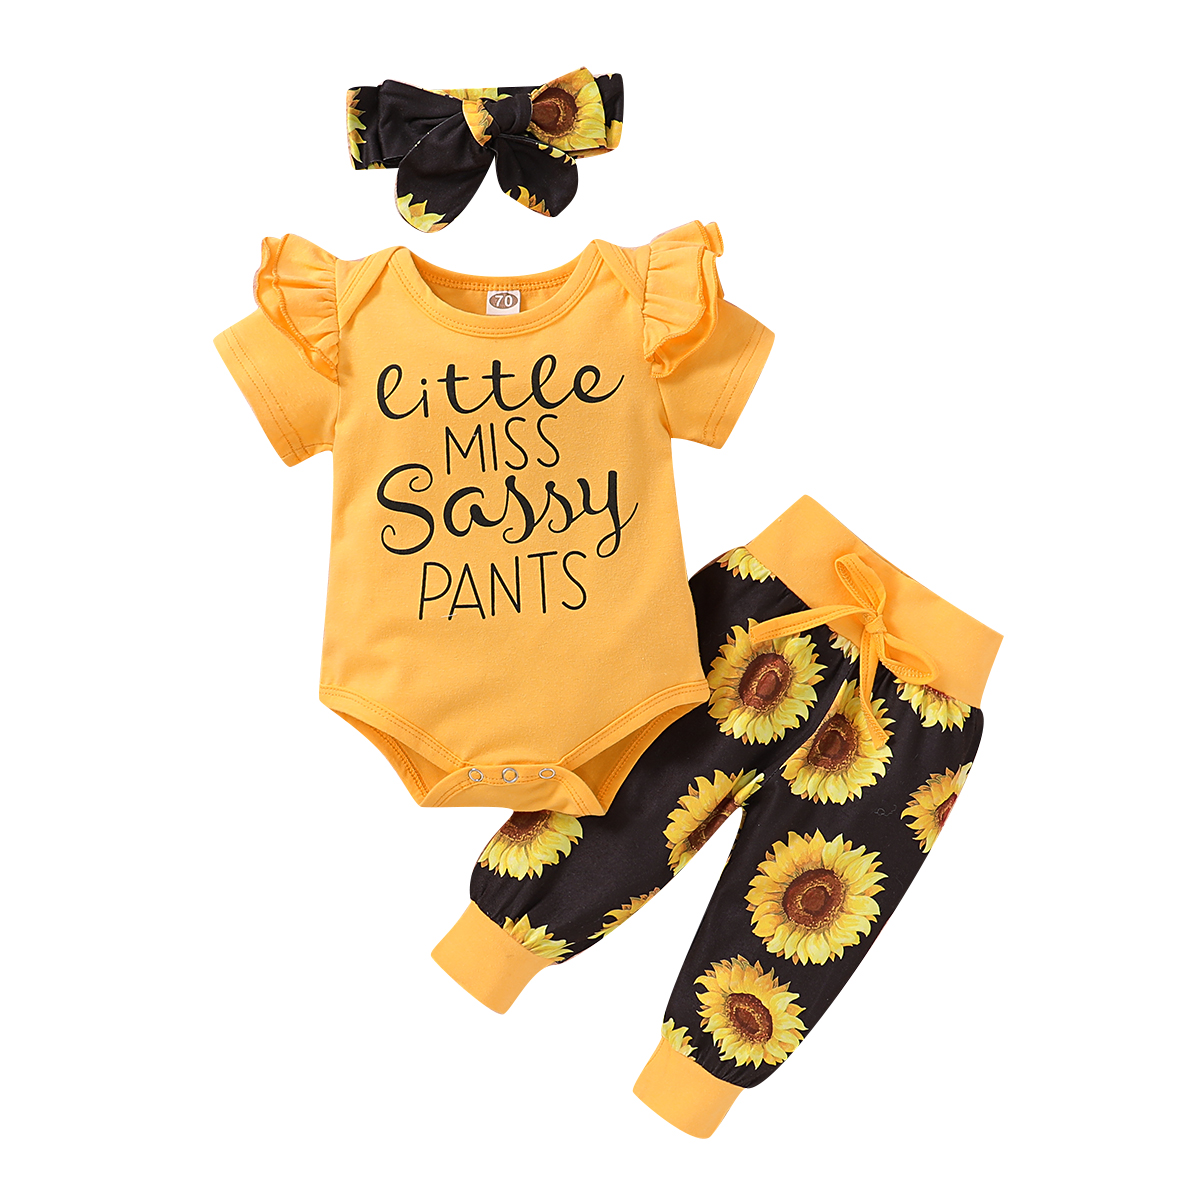 Toddler Baby Girl Outfits Set Short Sleeve White Letter Romper Long Sunflower Trouser Headband Cotton Clothing Set 3 Pics